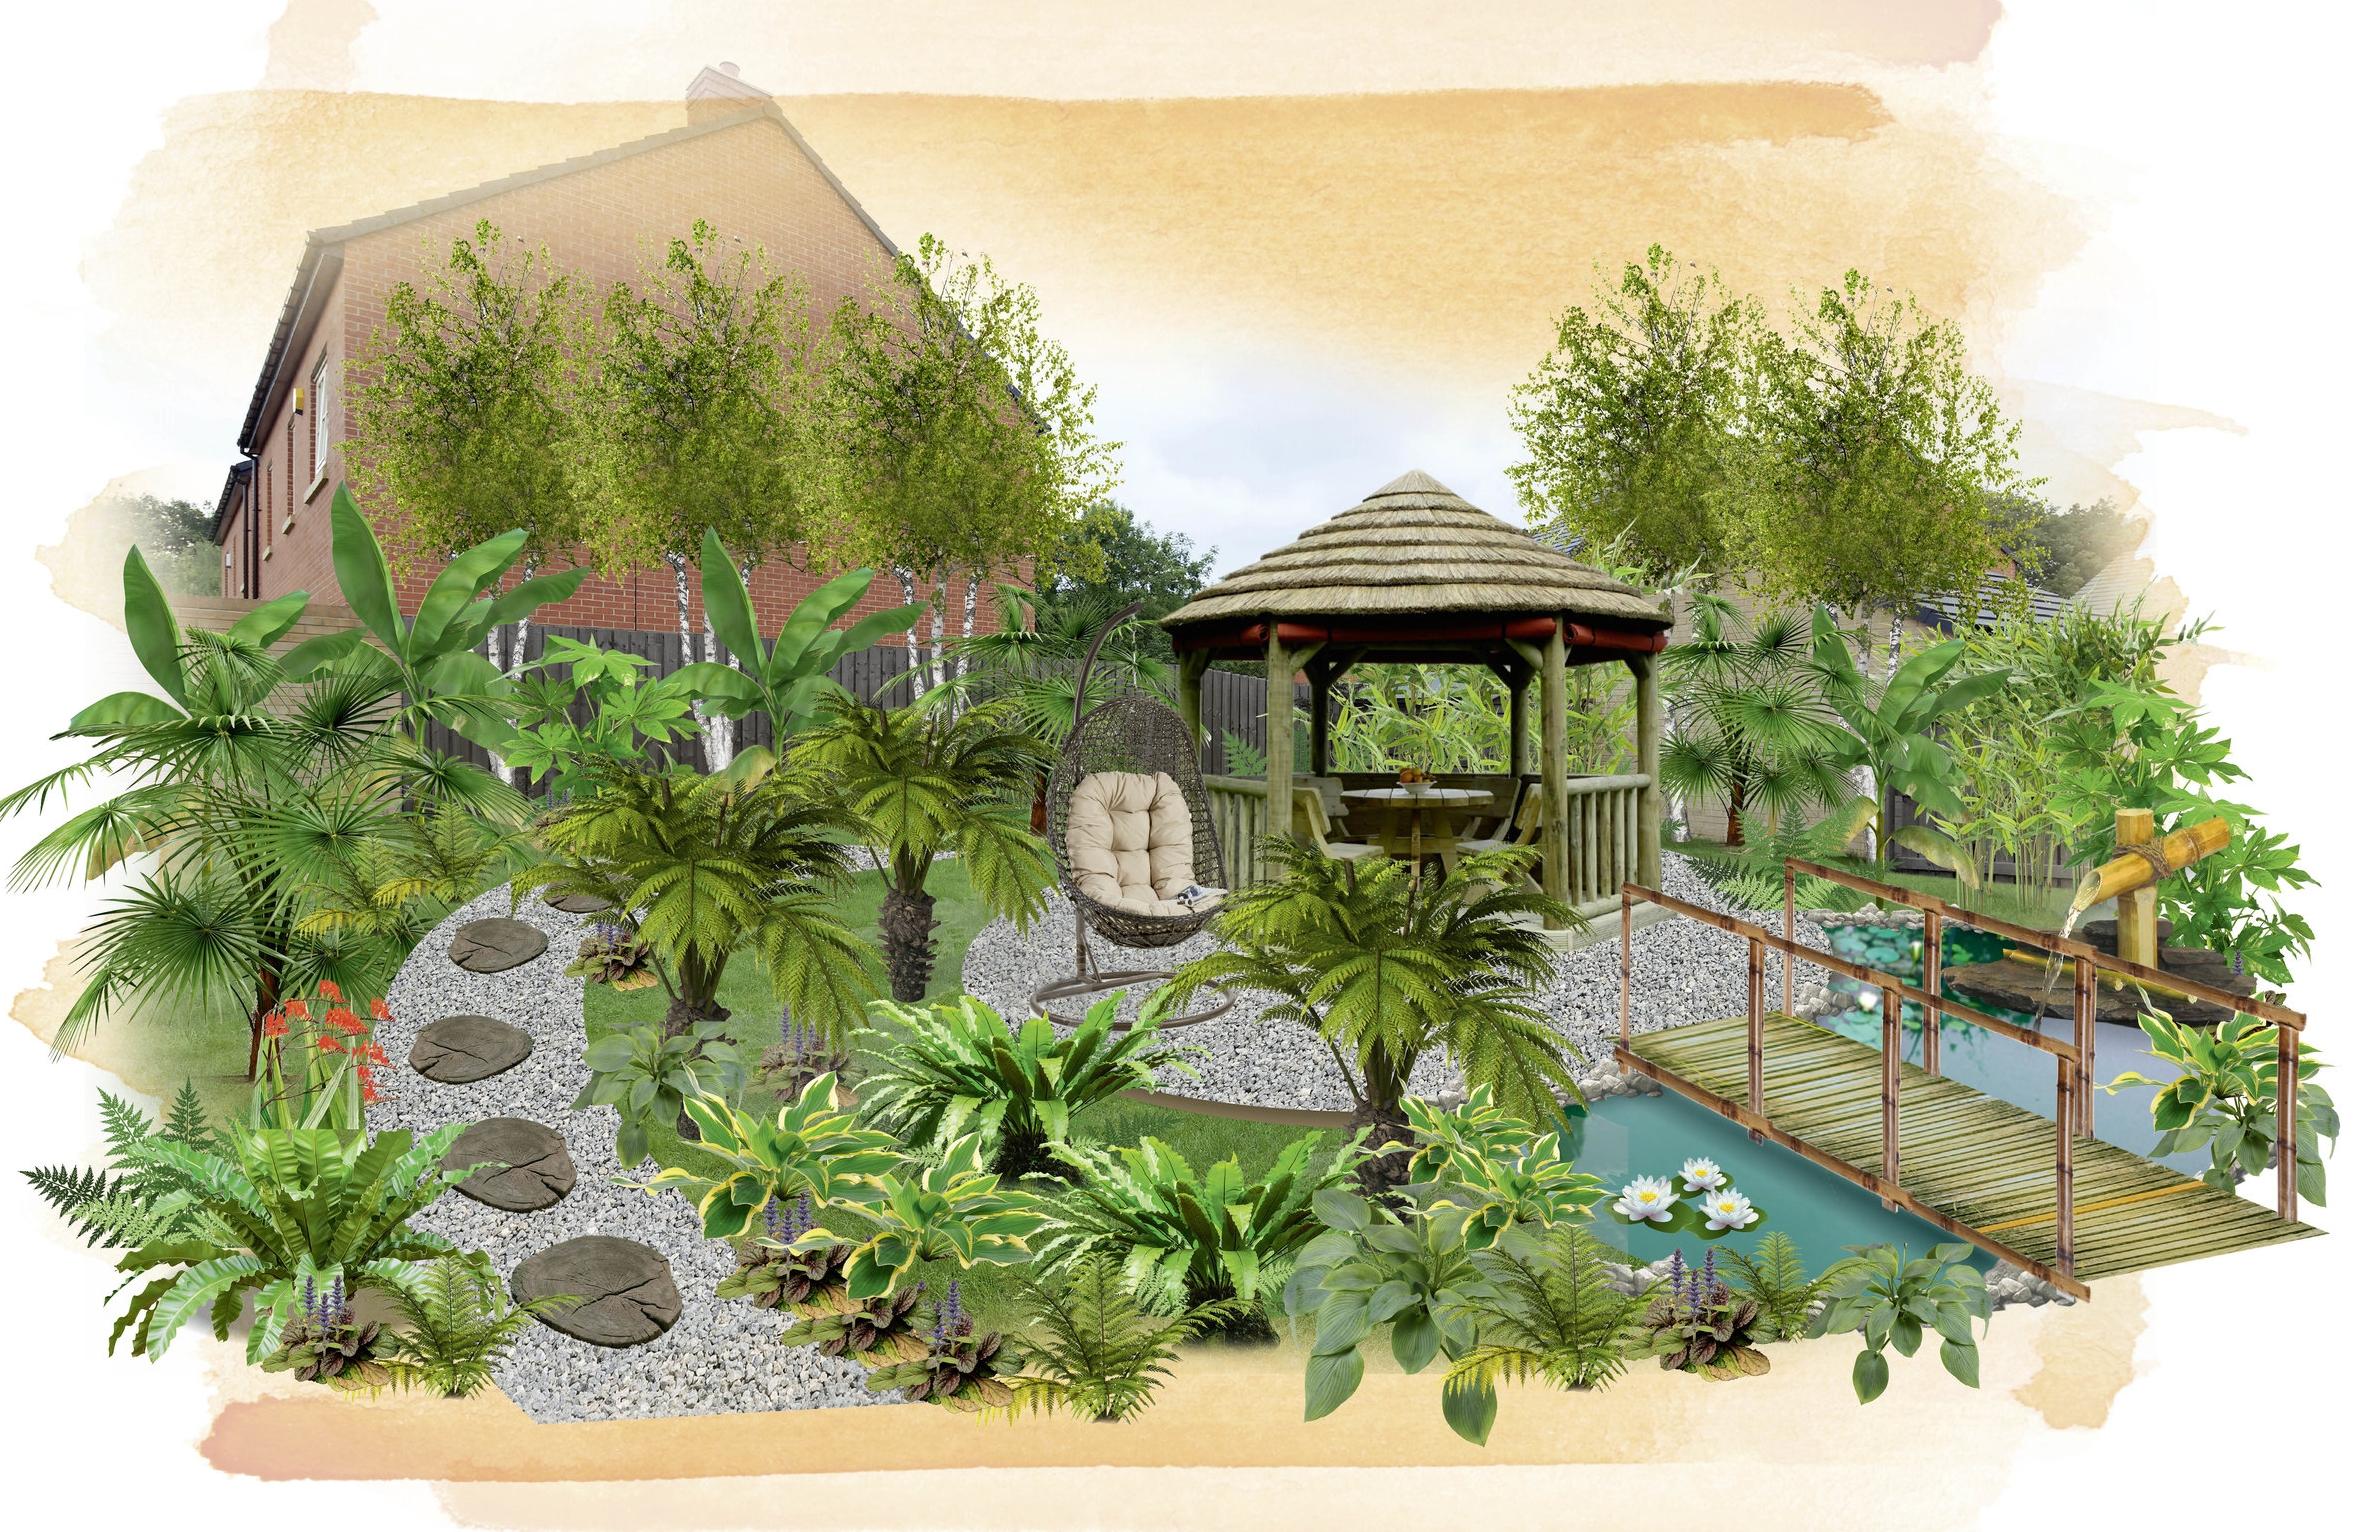 Jungle hut garden2.jpg